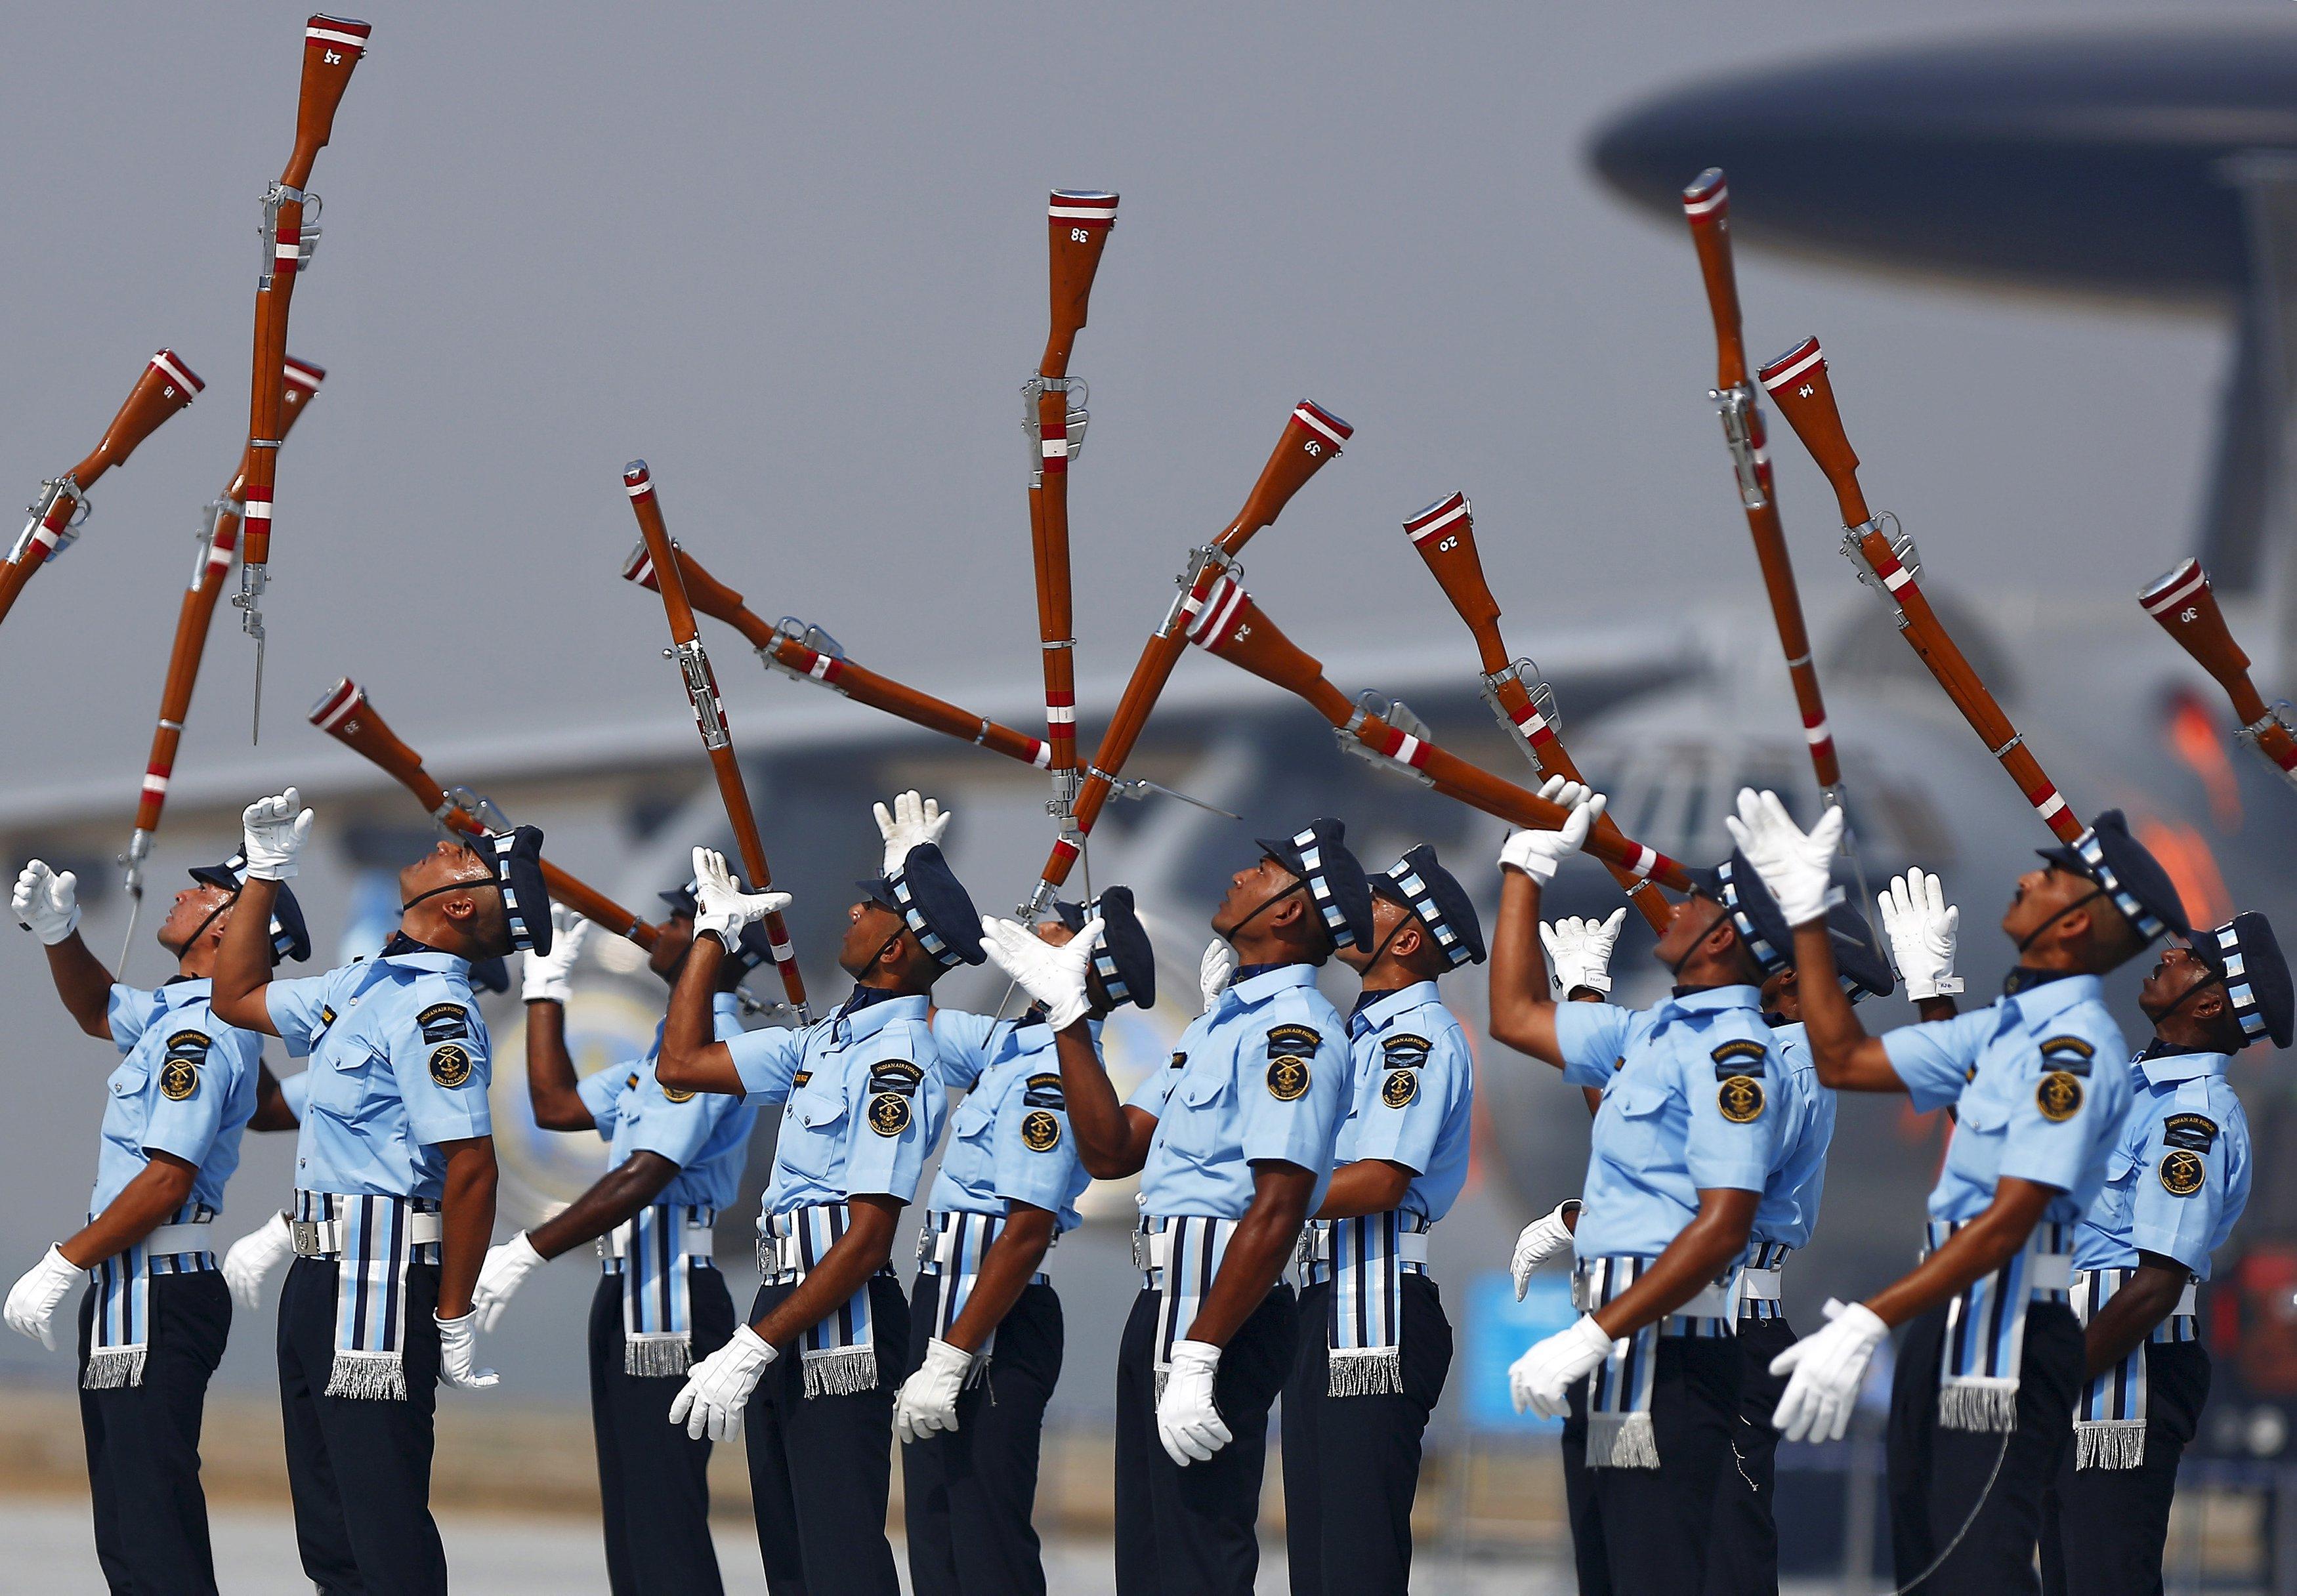 Prajurit Angkatan Udara India melemparkan senjata mereka saat melakukan gladi bersih untuk Hari Angkatan Udara di pangkalan udara Hindon di pinggiran New Delhi, Selasa (6/10). Angkatan Udara India akan memperingati hari jadi ke 83 pada 8 Oktober. ANTARA FOTO/REUTERS/Anindito Mukherjee.